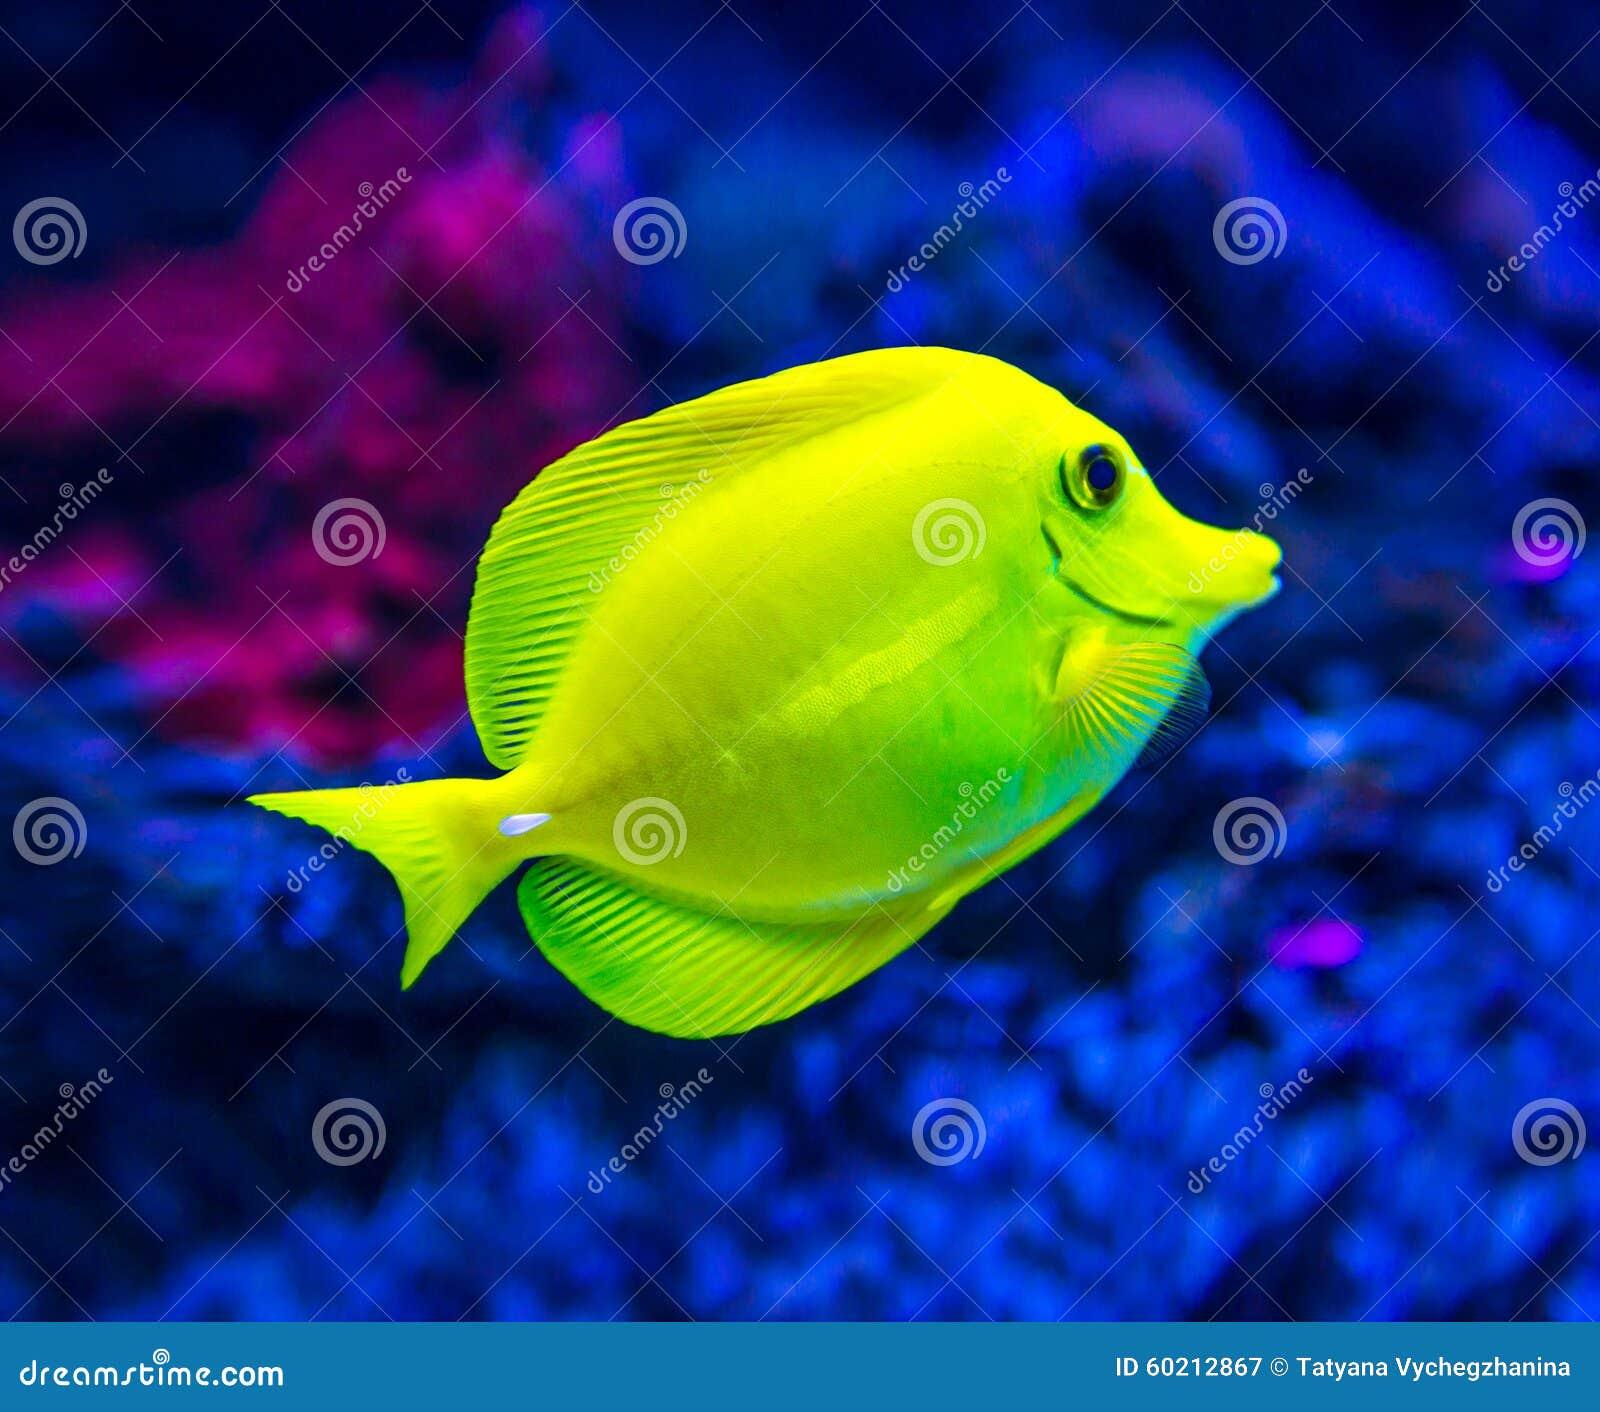 Colorful fish in aquarium stock image. Image of nature - 60212867